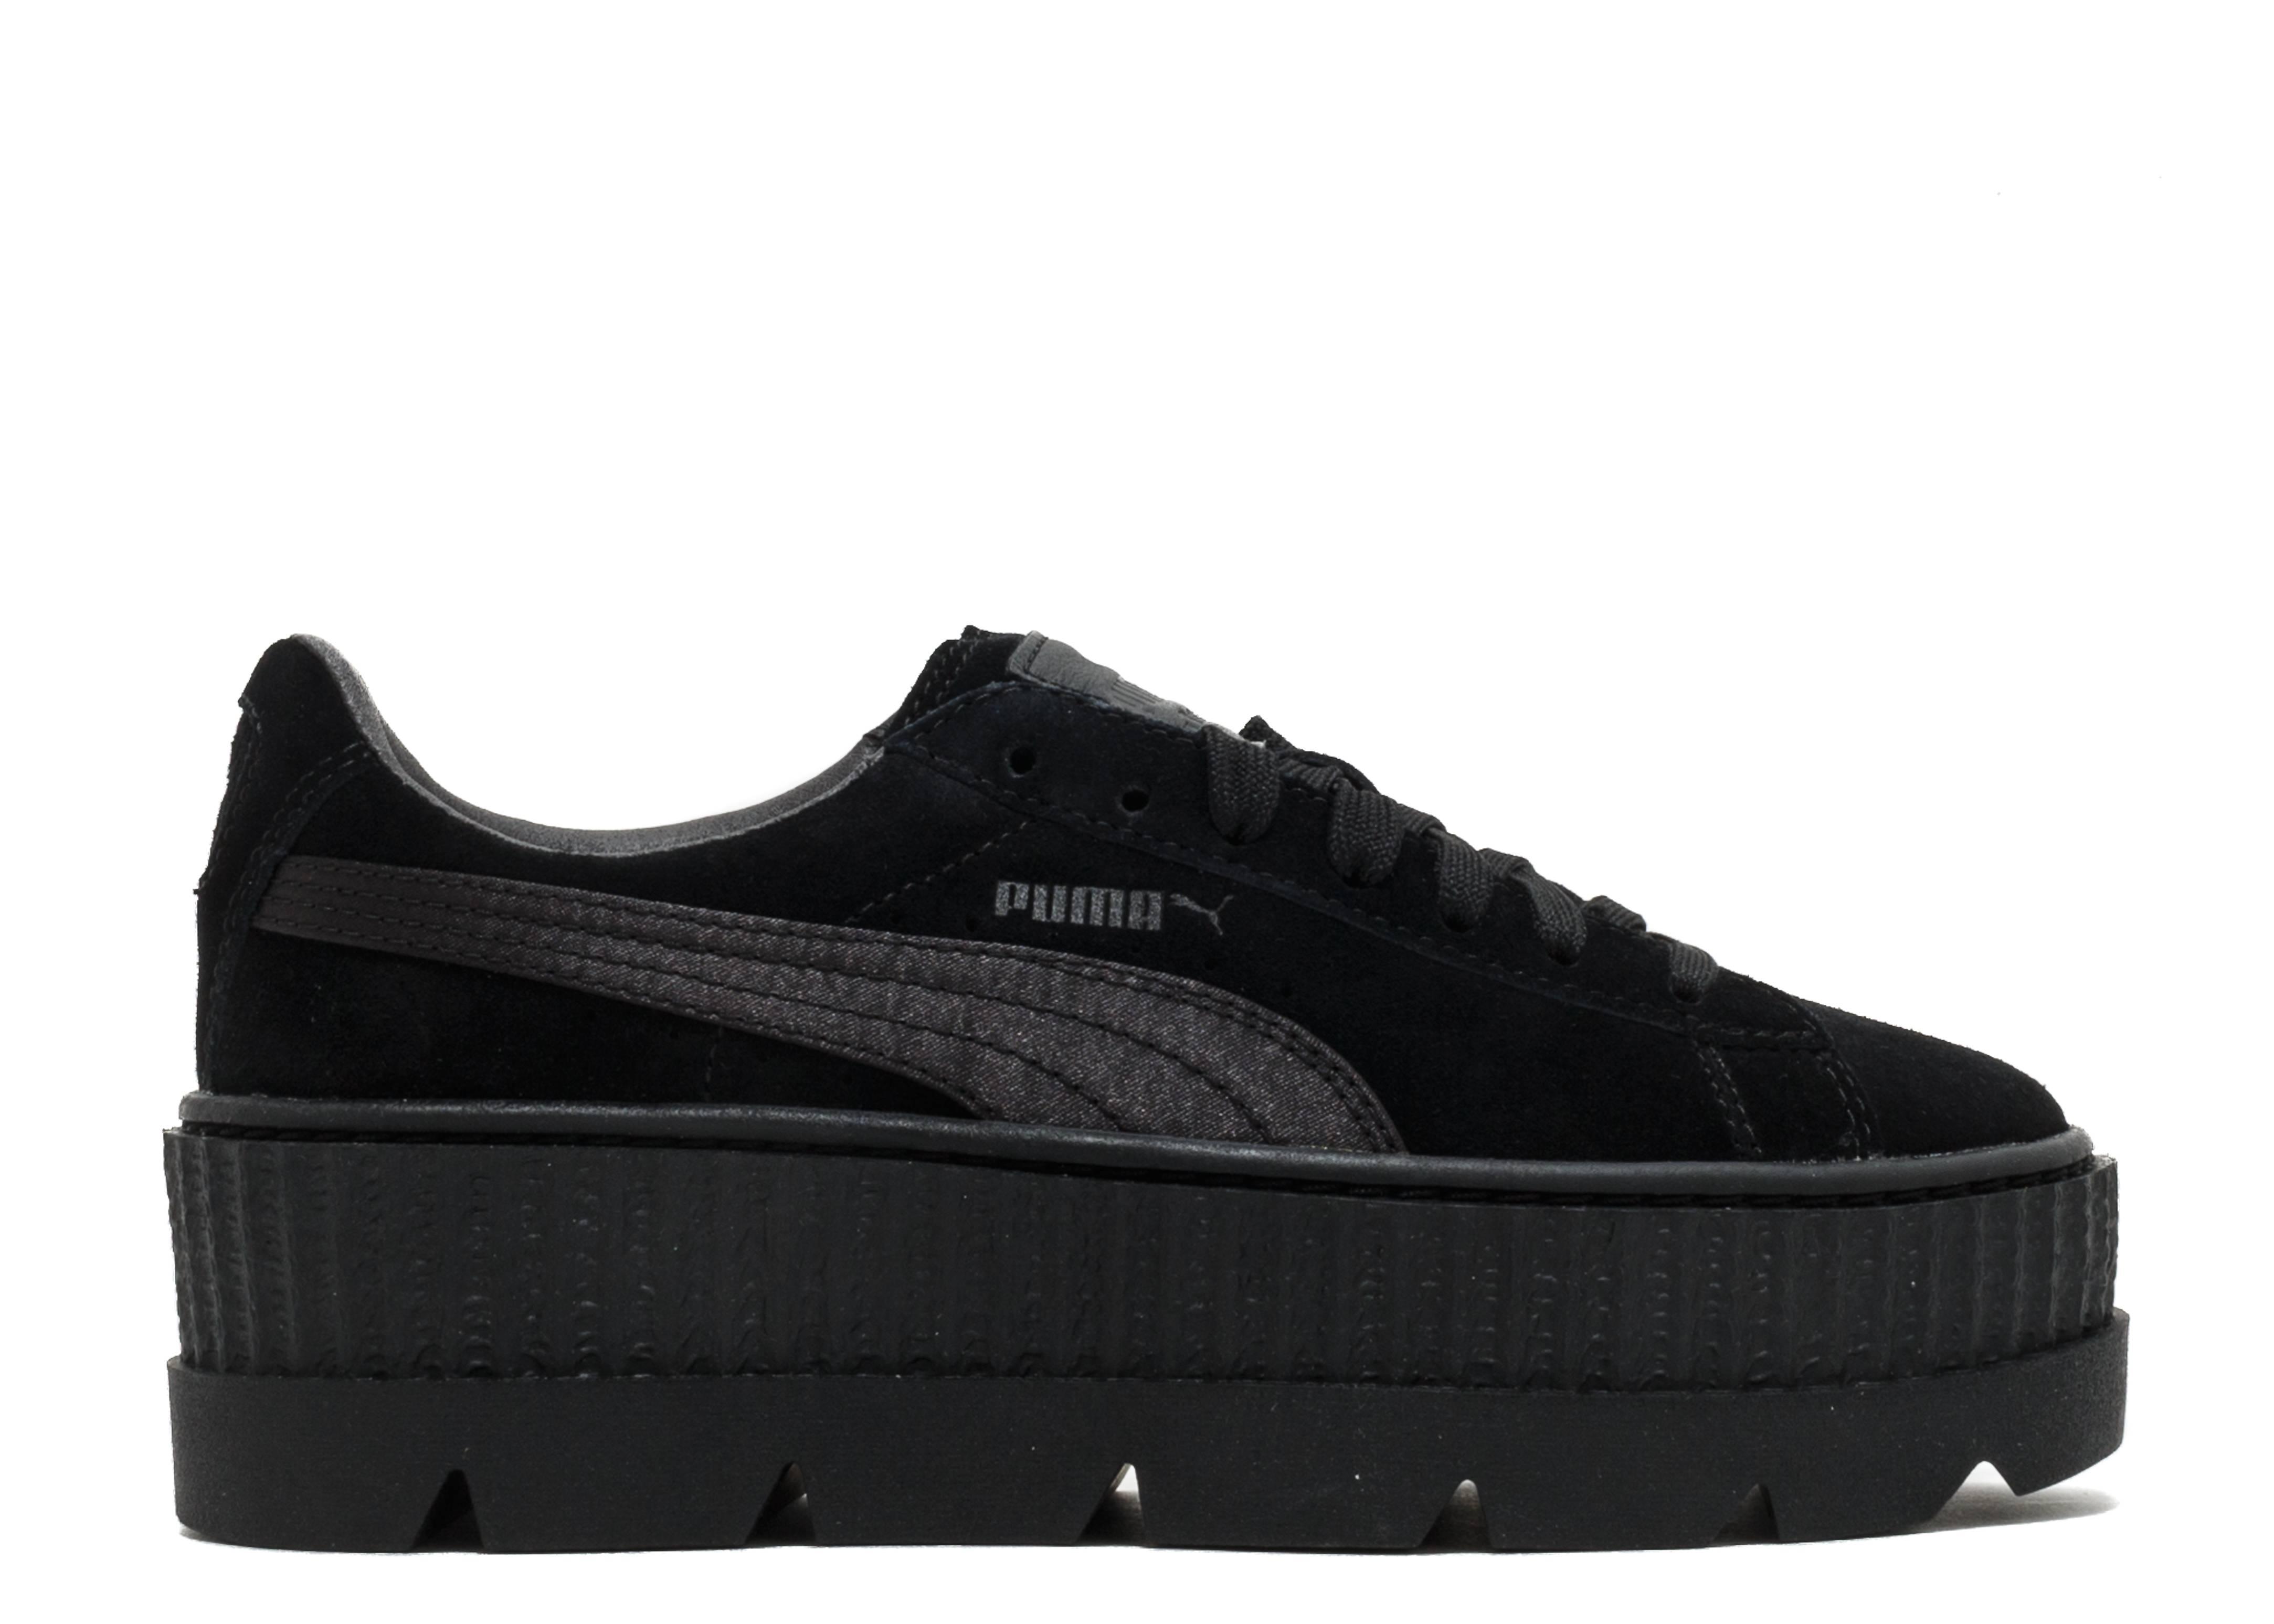 9ae59dd9fae1 Puma Sneakers - Rihanna Fenty